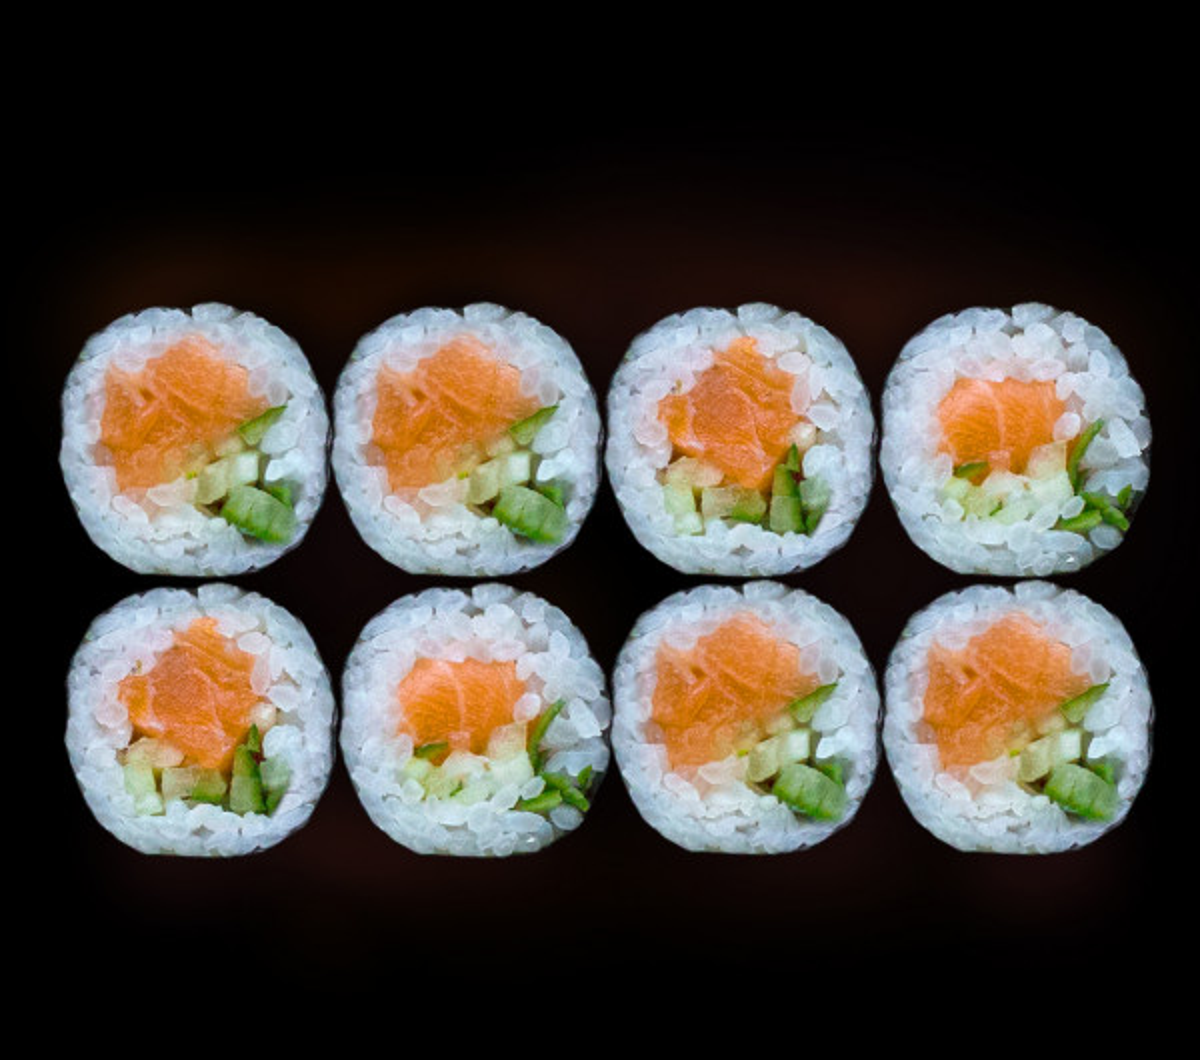 заказать: Роллы - Маки с лососем и огурцом